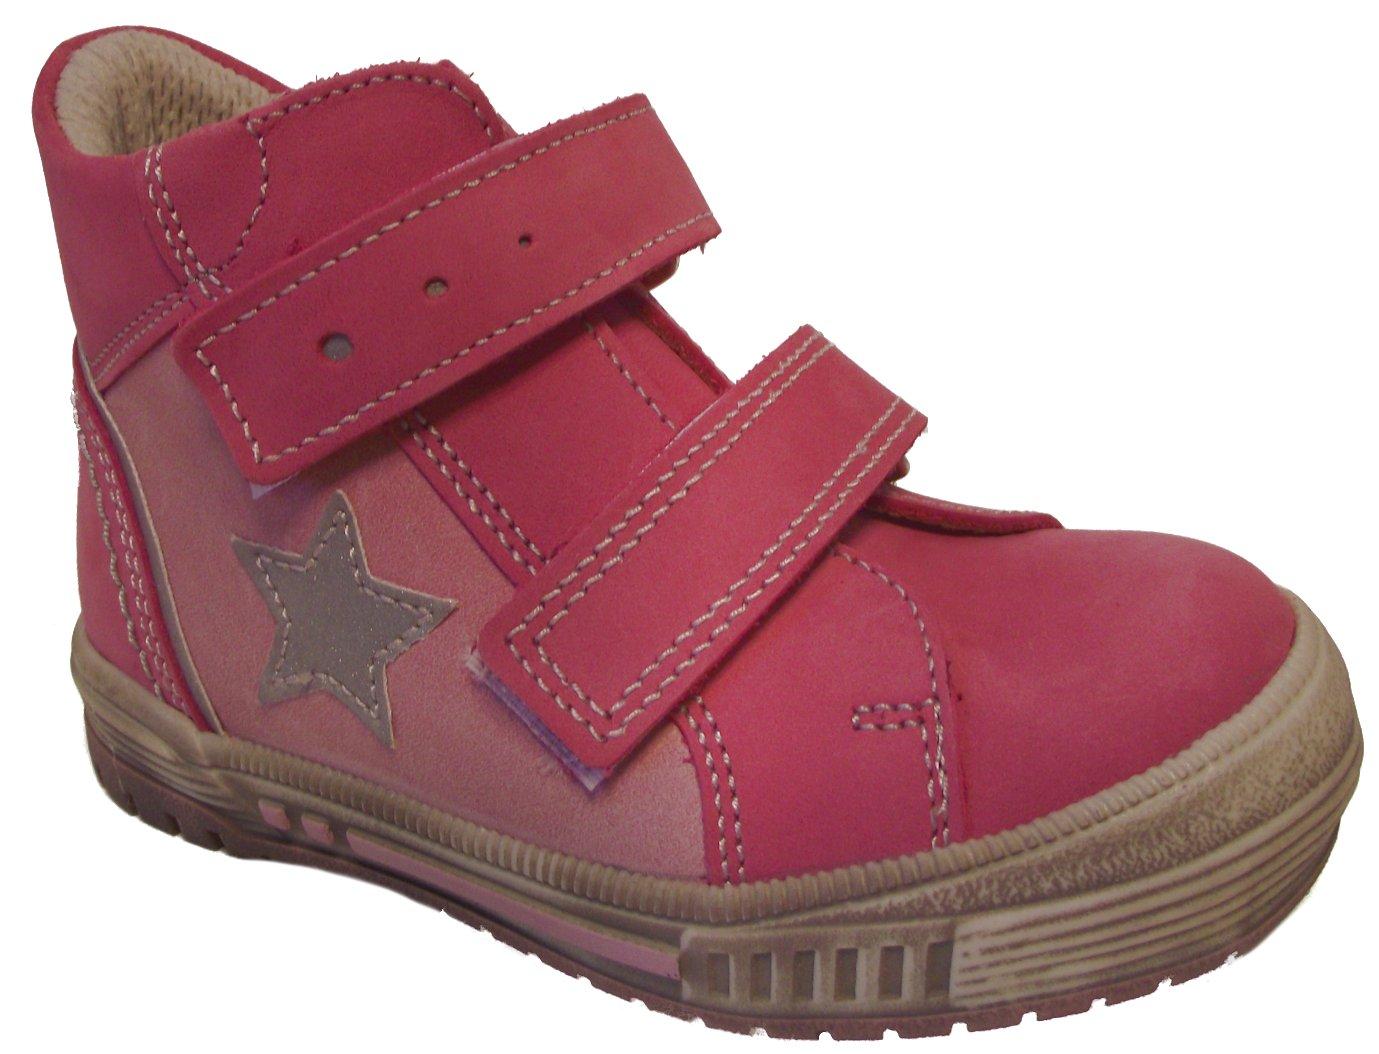 Dětské celoroční boty Essi S 2546 růžová Velikost: 25 (EU)